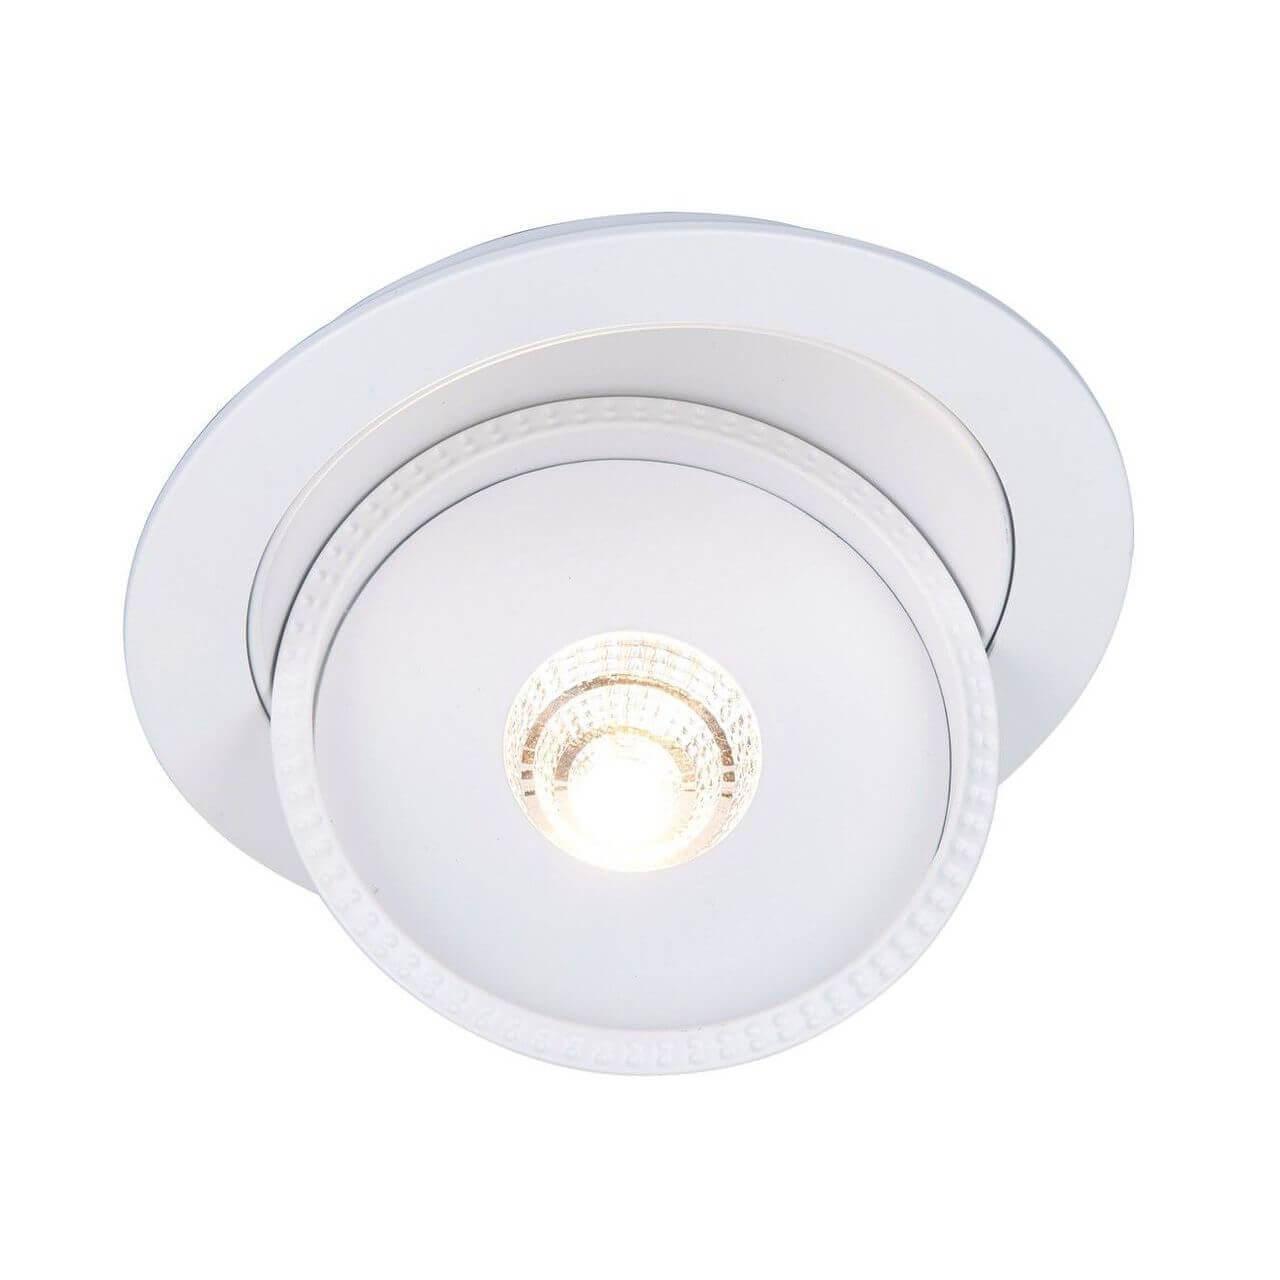 Встраиваемый светодиодный светильник Arte Lamp Studio A3015PL-1WH цена 2017